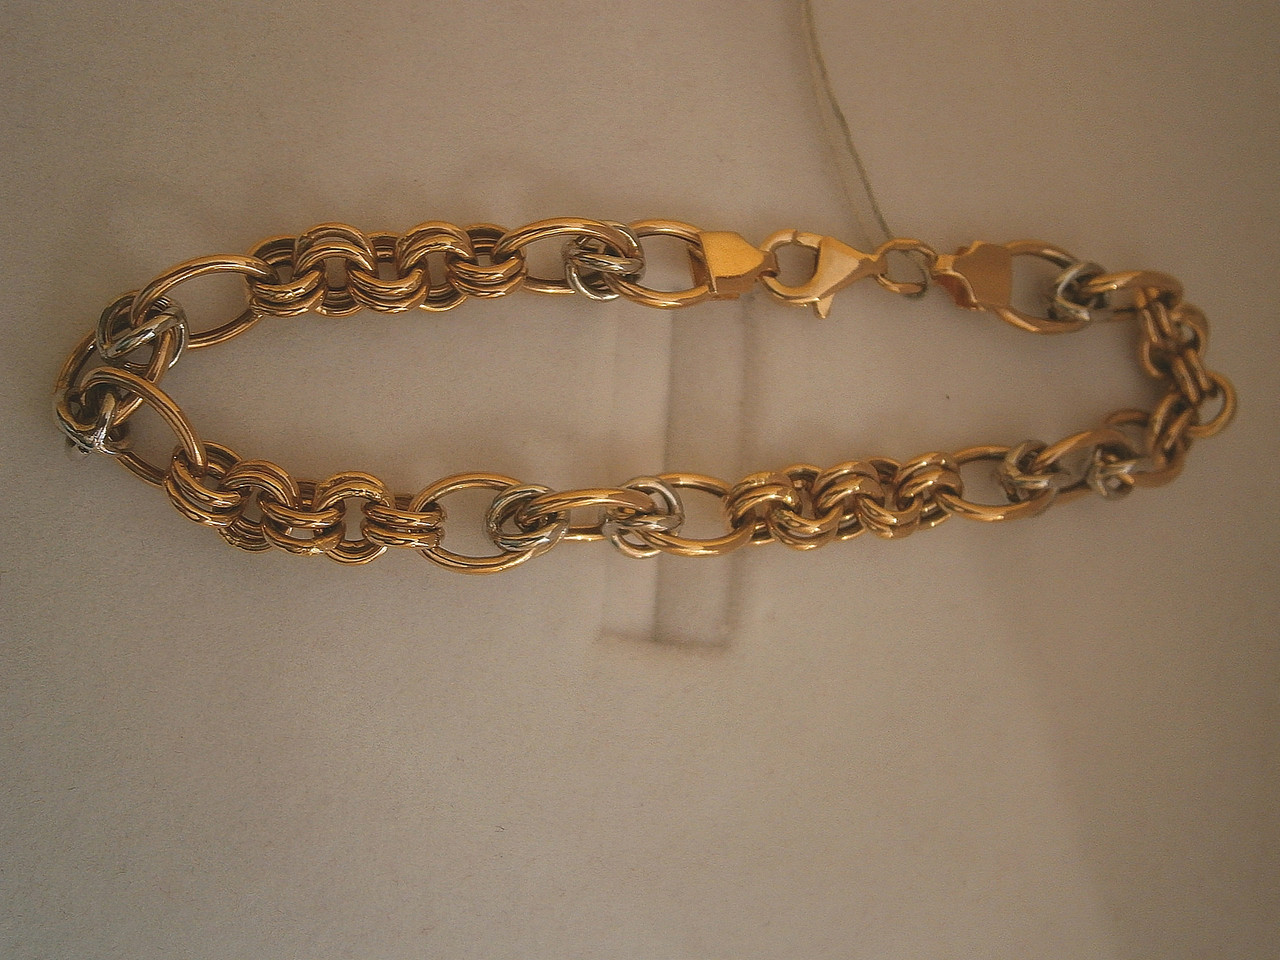 золотой браслет женский купить в нижнем